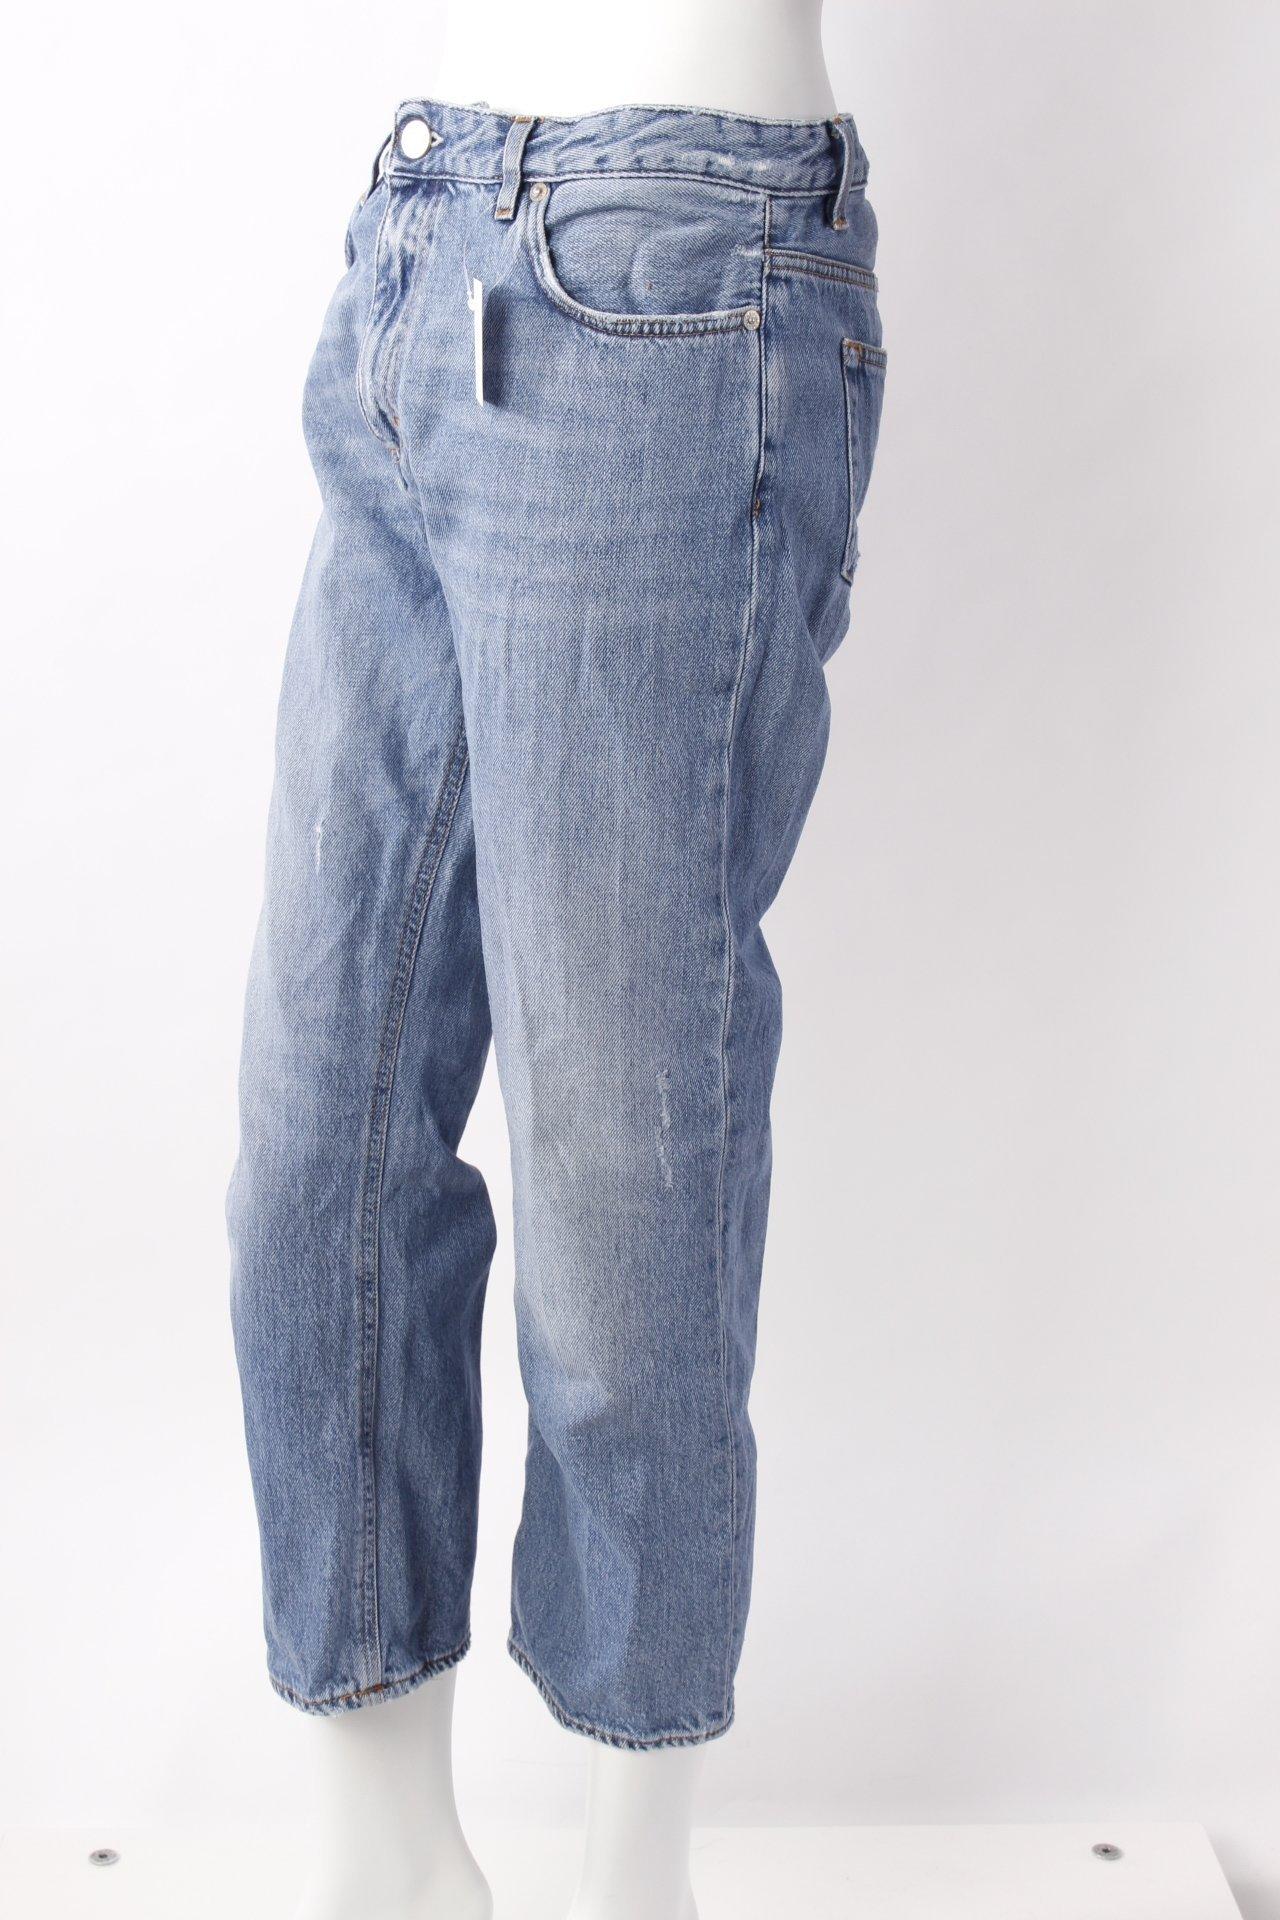 acne karottenjeans helle waschung damen gr de 36 stahlblau jeans baumwolle ebay. Black Bedroom Furniture Sets. Home Design Ideas